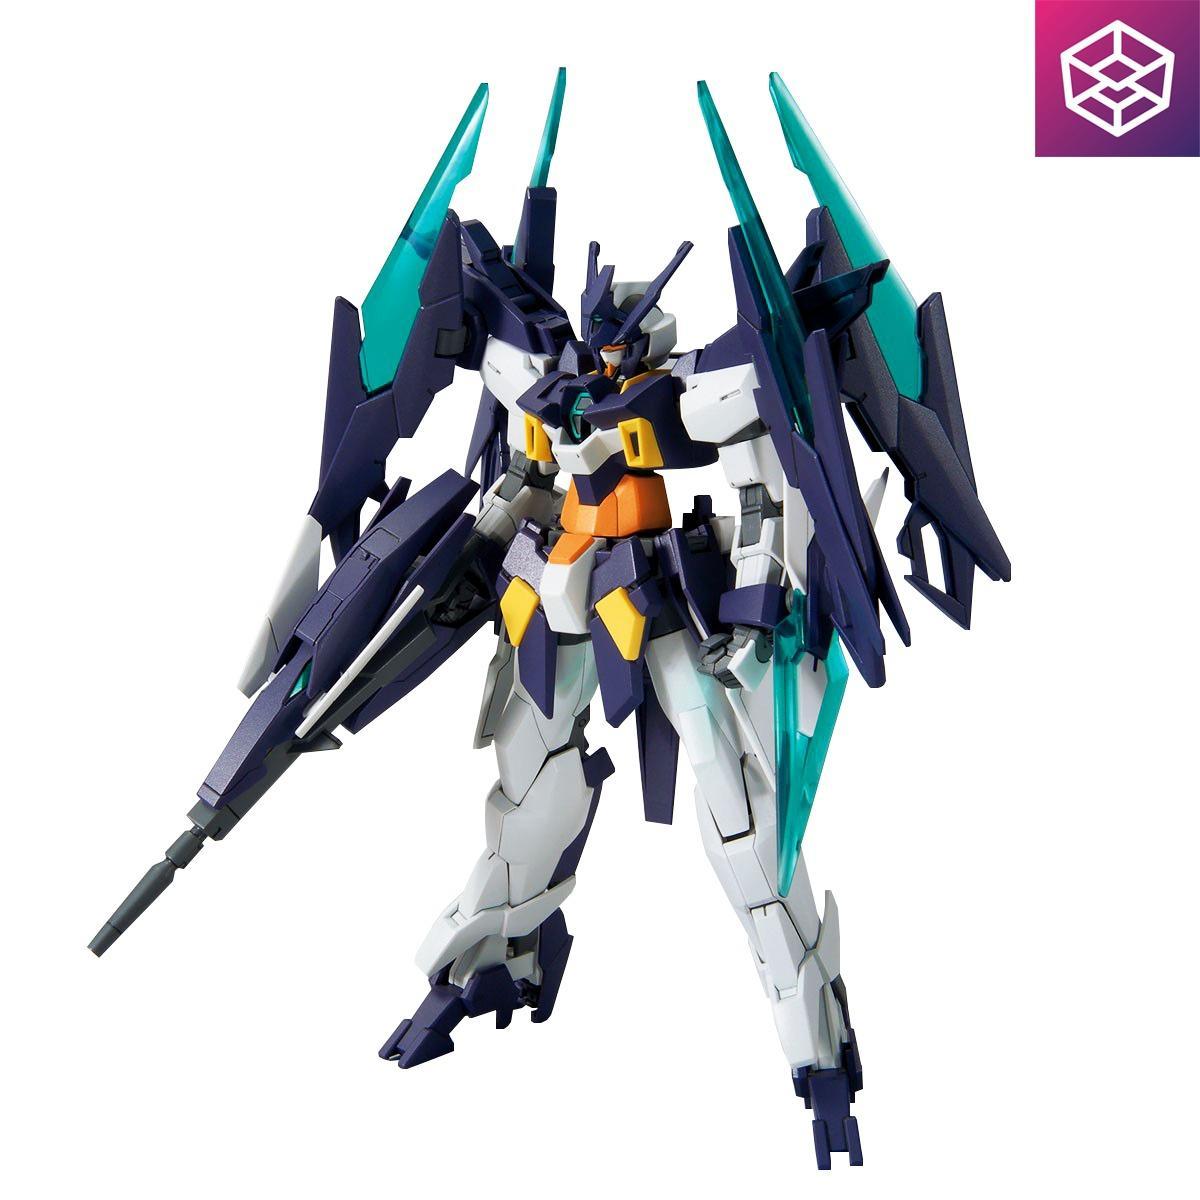 Mô Hình Lắp Ráp Gundam Bandai Hgbd 001 Gundam Age Ii Magnum [gdb] [bhg] By Box8.